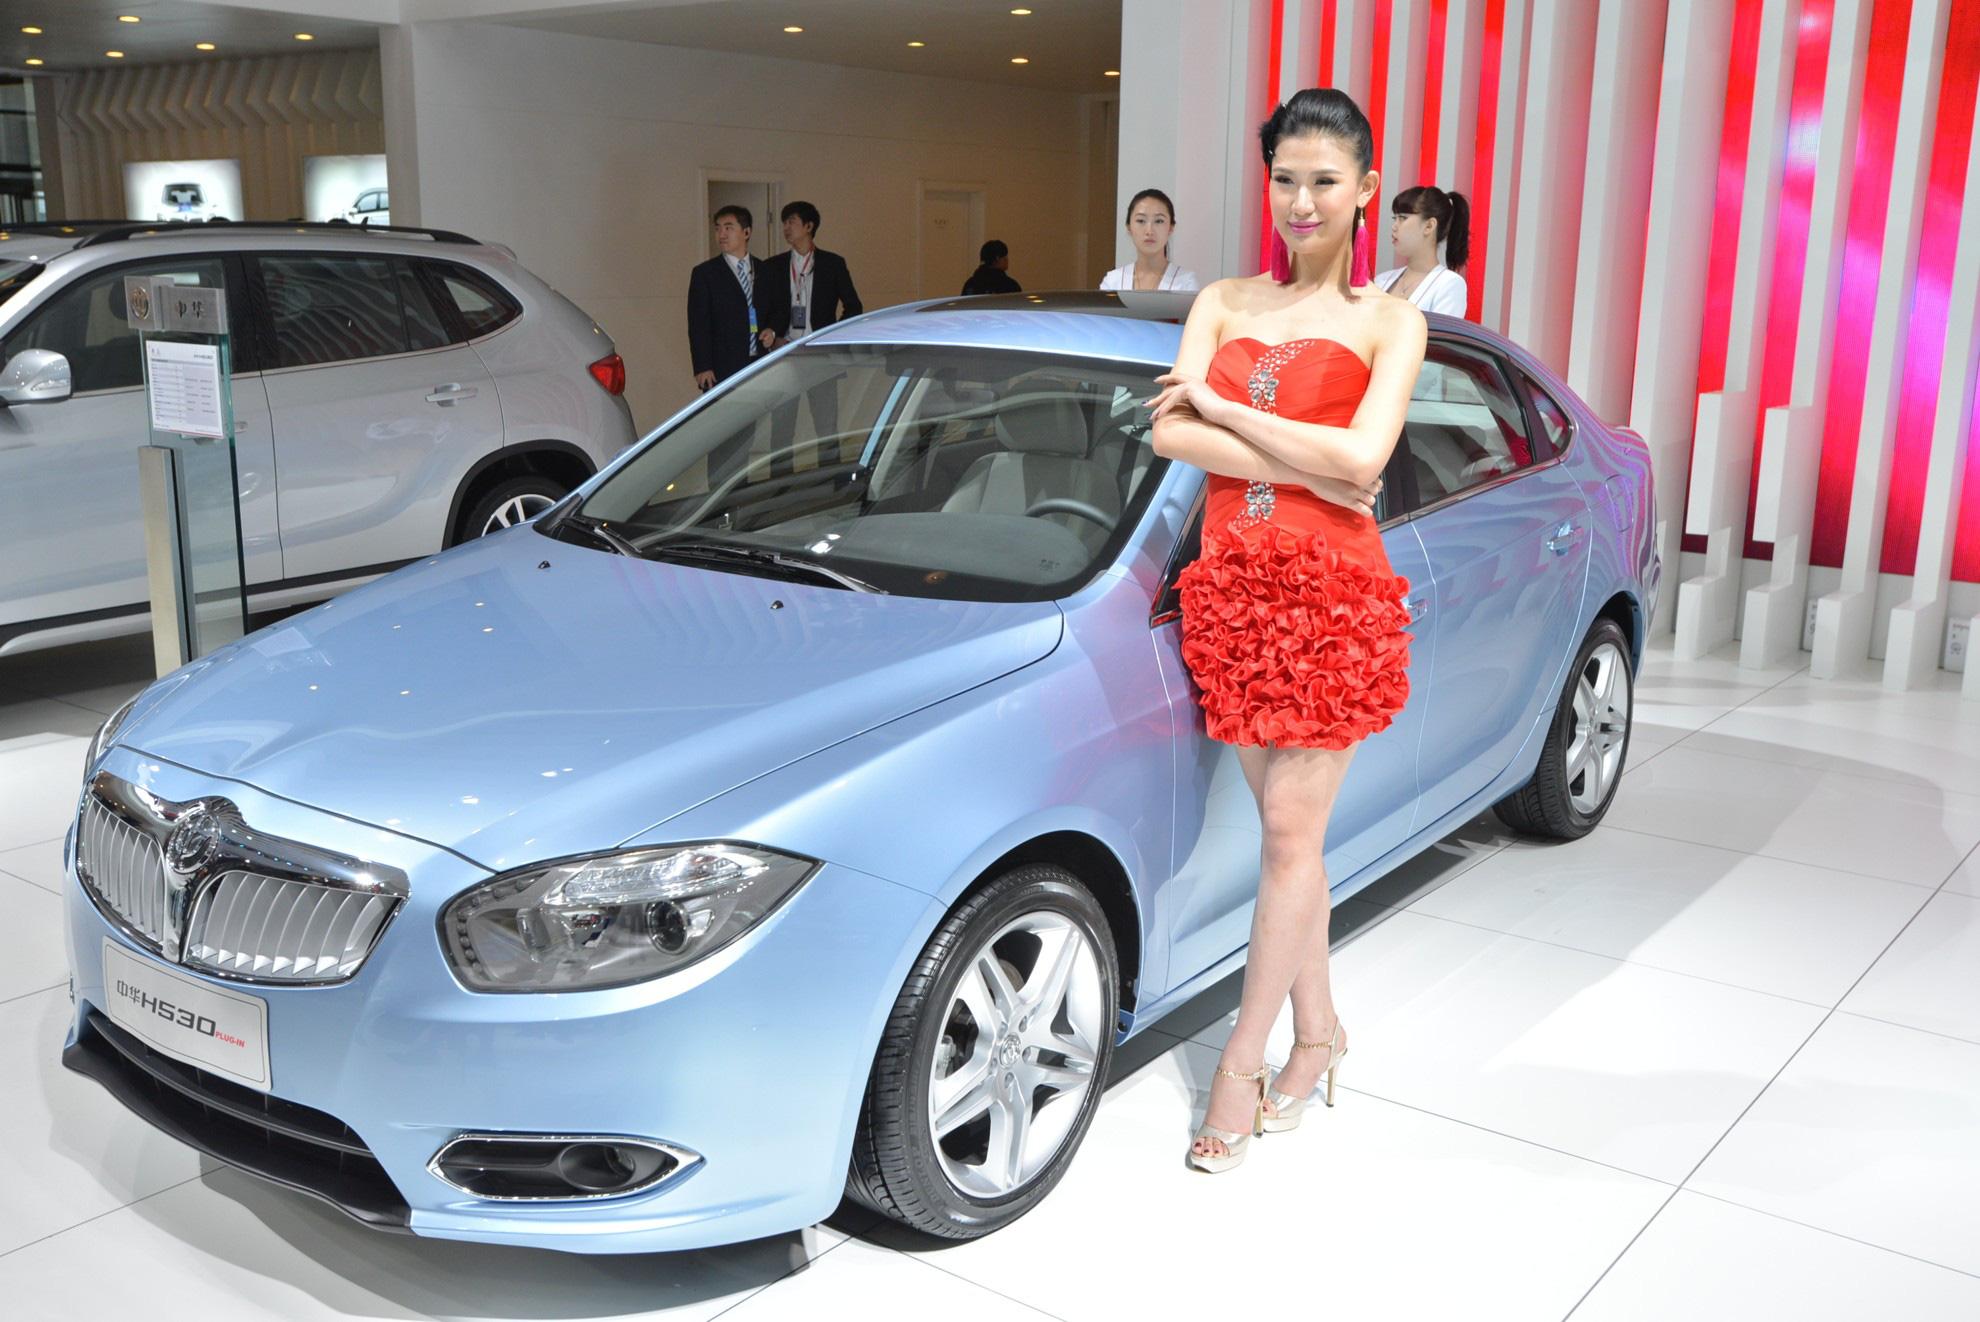 So kè giữa VinFast Lux SA với Brilliance V7: Cửa nào cho xe mác 'Tàu'? - Ảnh 3.